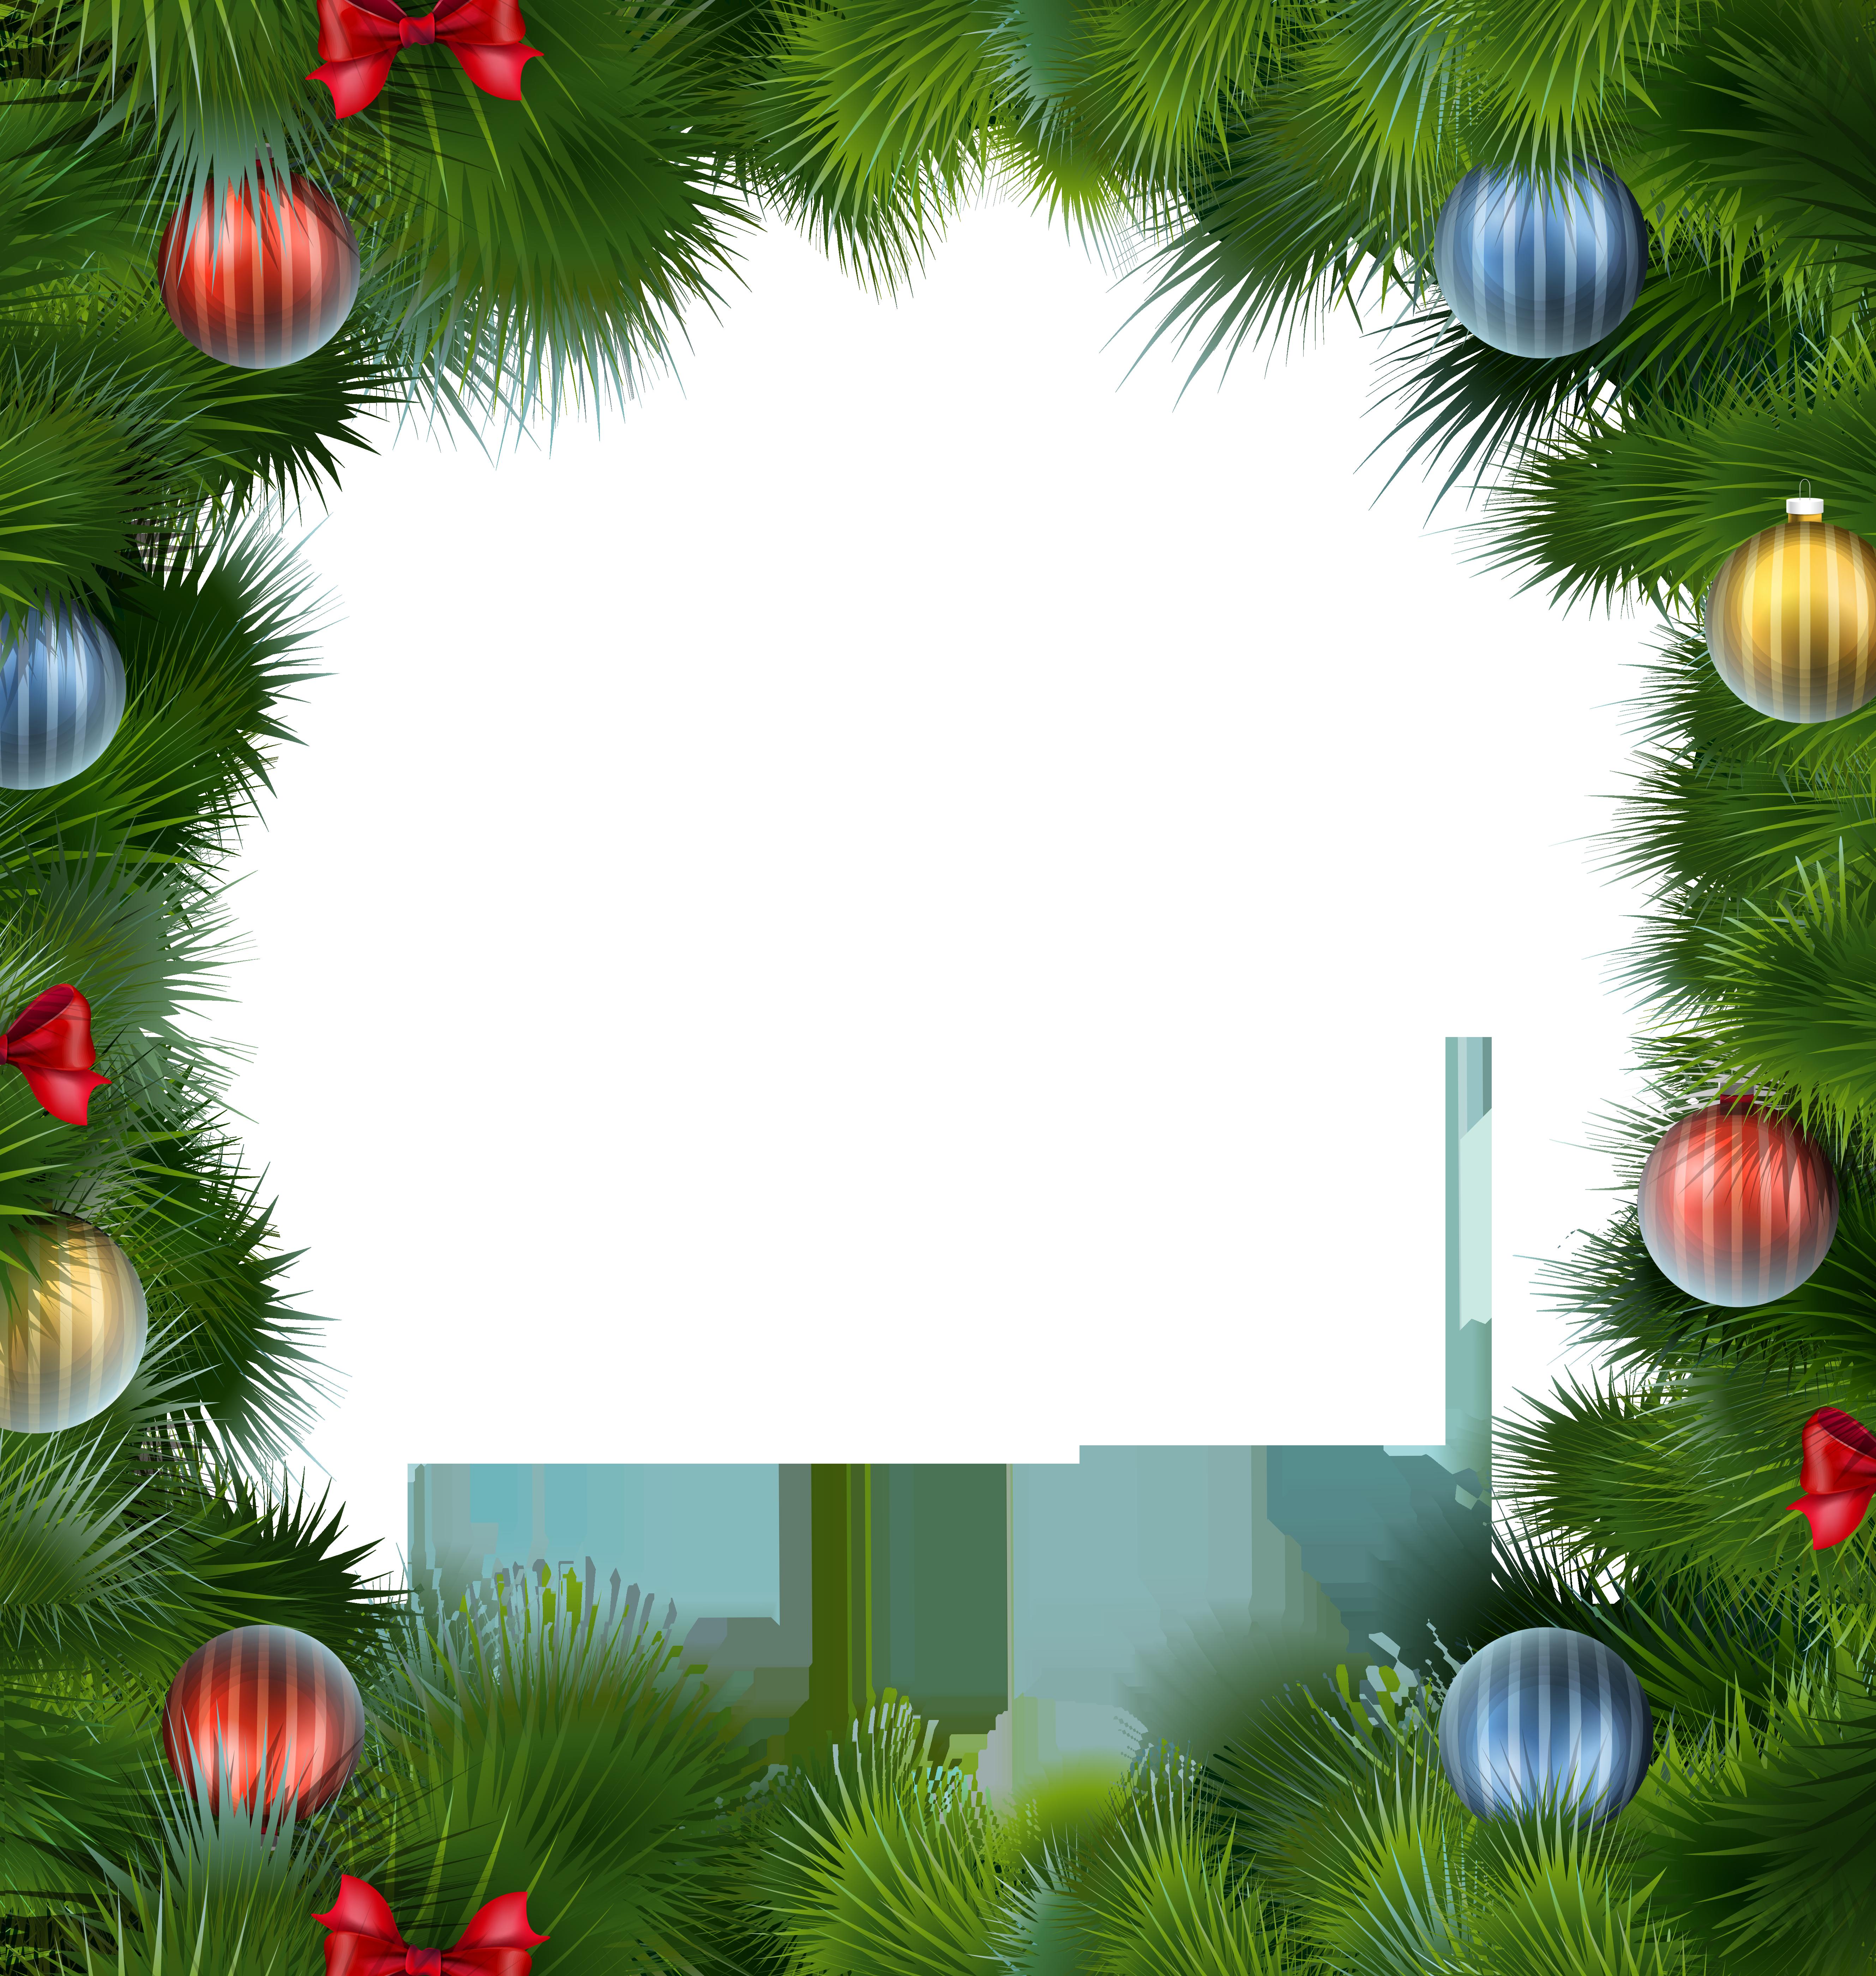 Frames clipart xmas. Christmas deco frame with